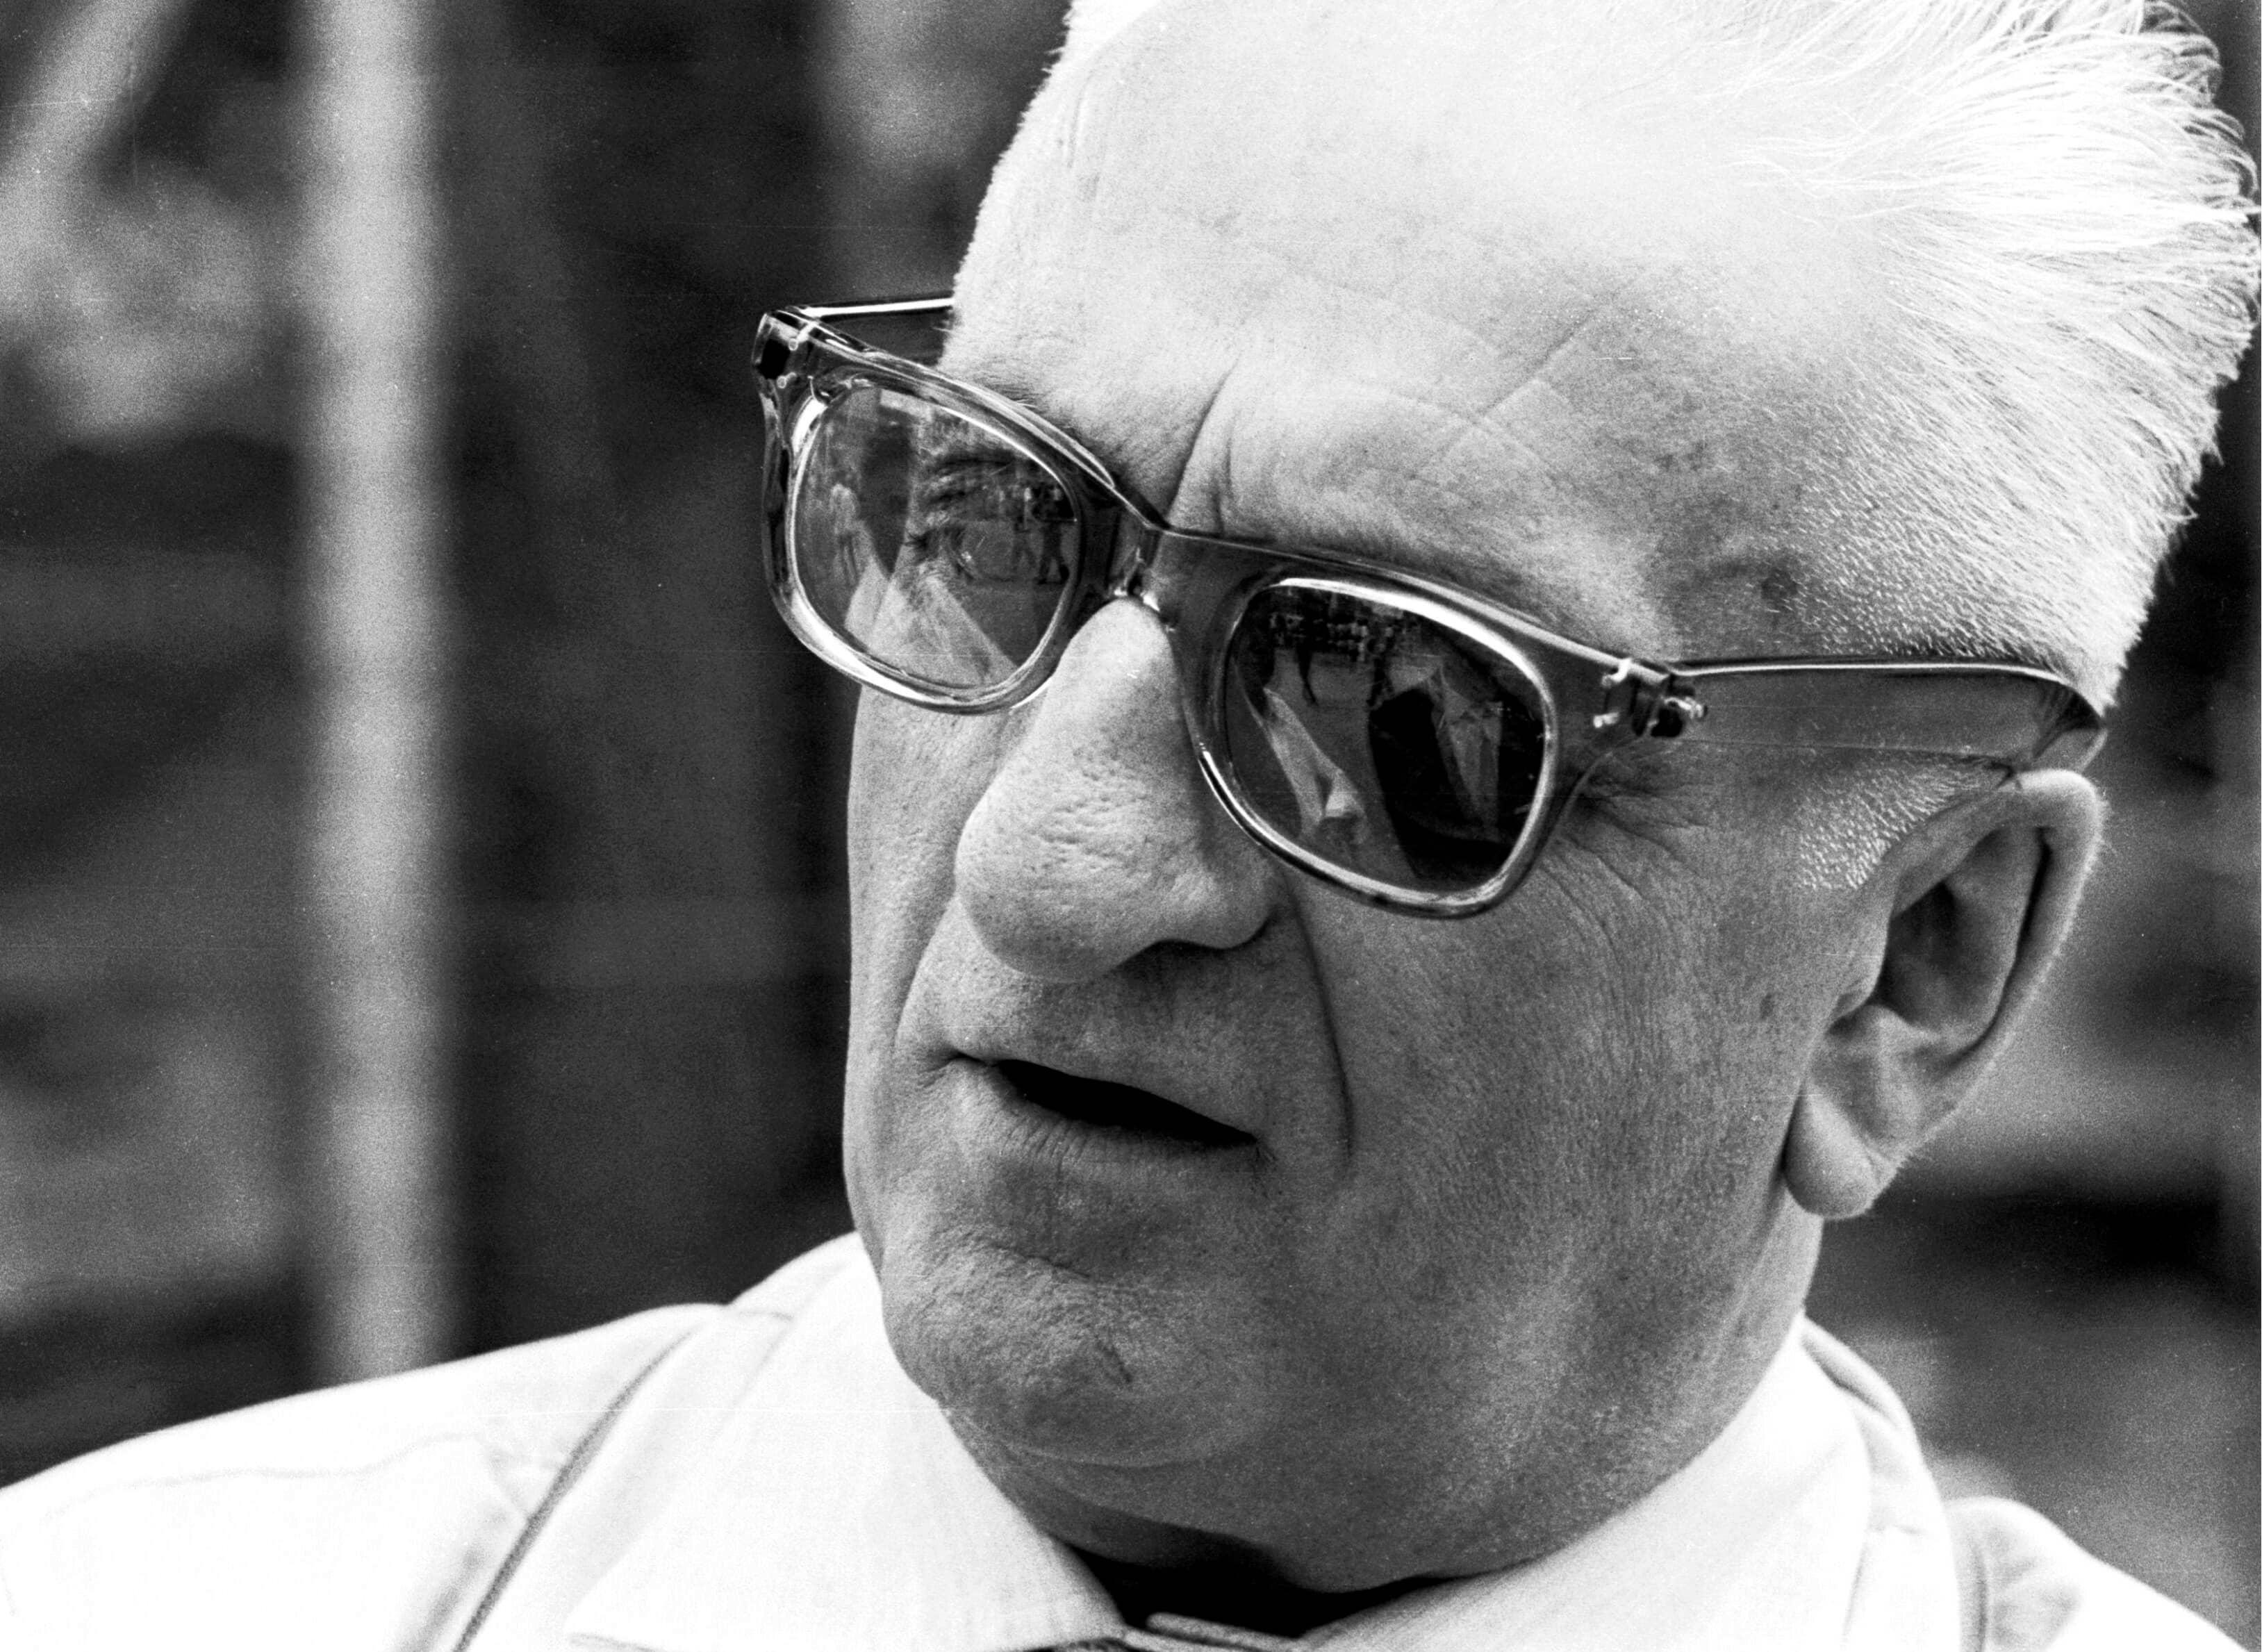 Энцо Ансельмо Феррари родился в Модене перед рубежом веков. Он начал как гонщика, но скоро счел, что реальный талант заложен в подготовке гоночных автомобилей, а не их вождении.